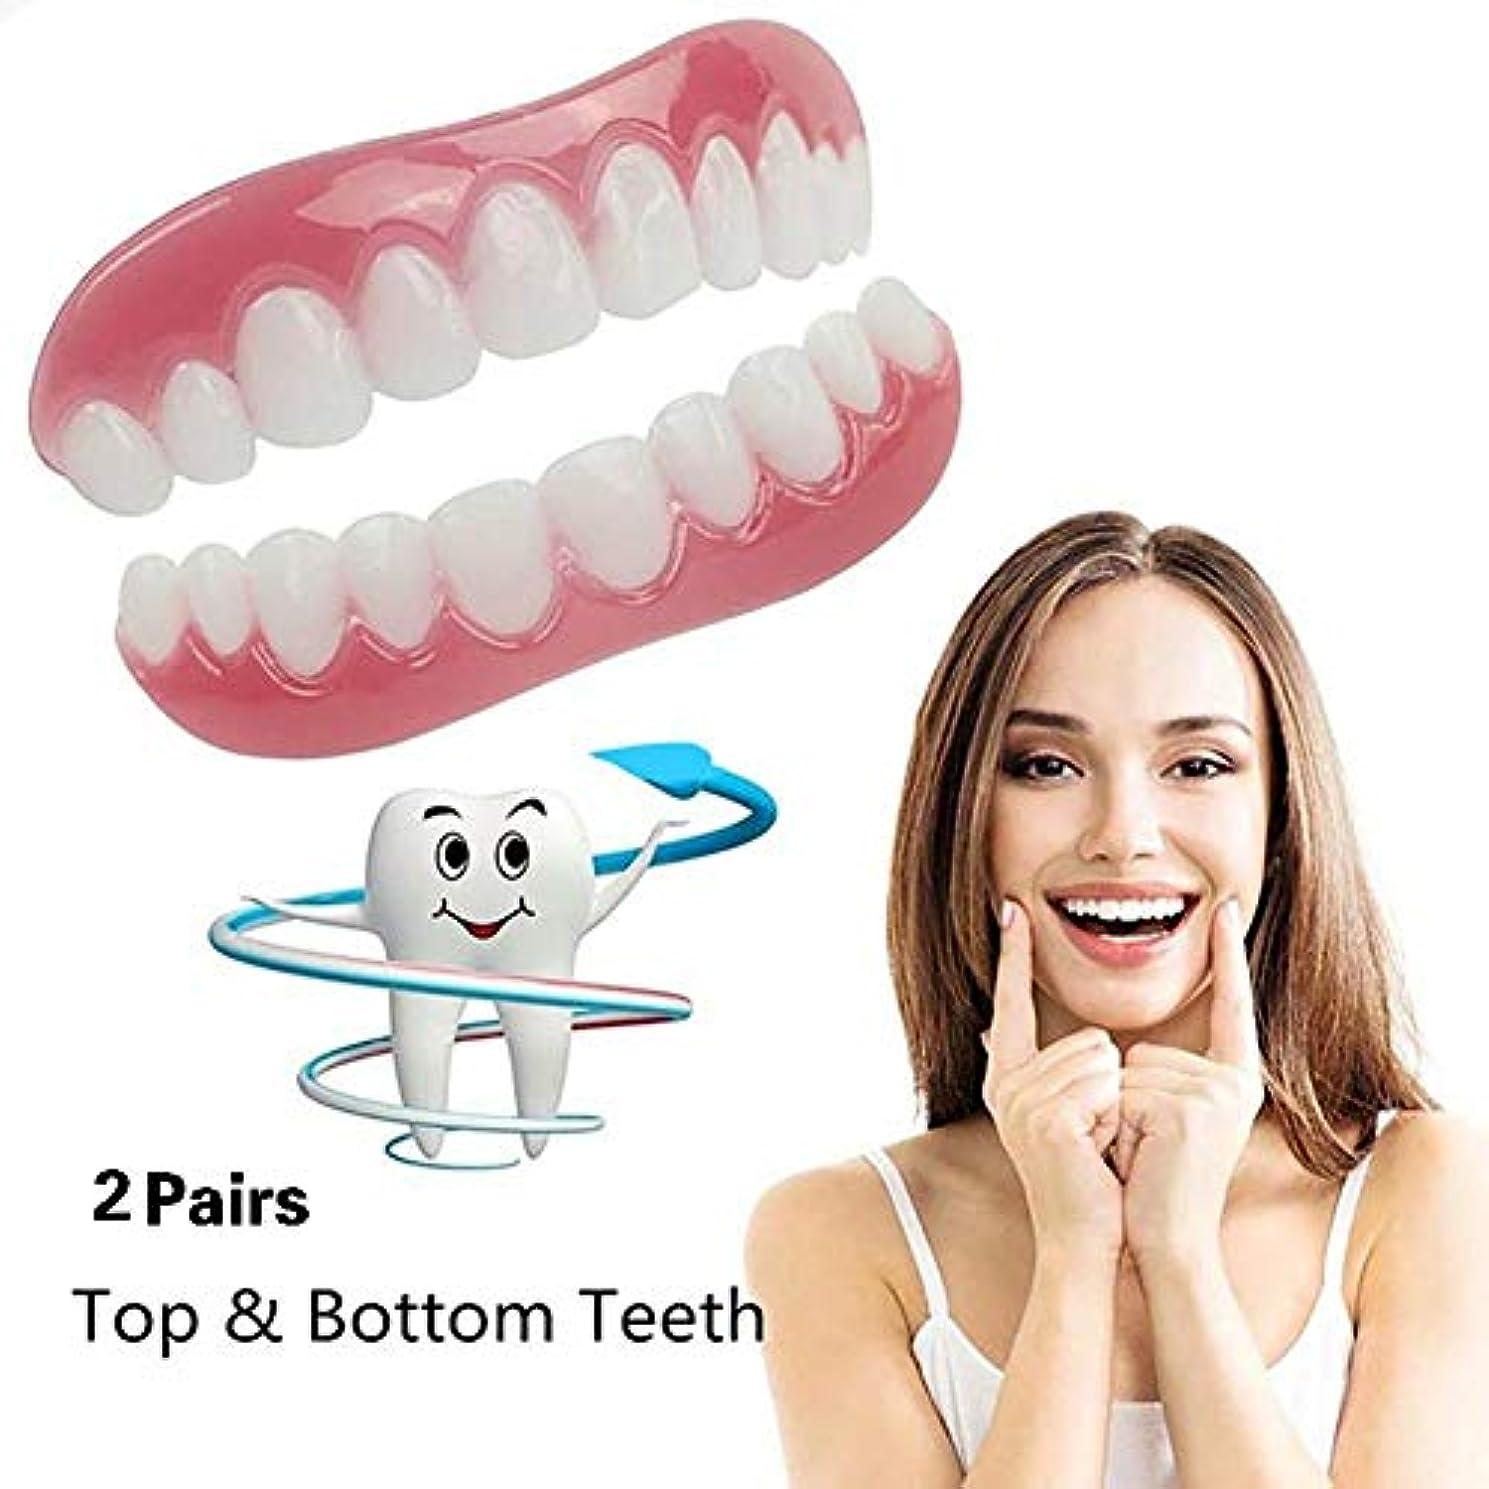 ハッピーシュガー後悔2対のシリコーンの歯のベニヤの歯の快適さのフィットフレックス化粧品の歯義歯の歯のトップとボトム化粧品のベニヤのシミュレーションのブレースワンサイズフィットすべて